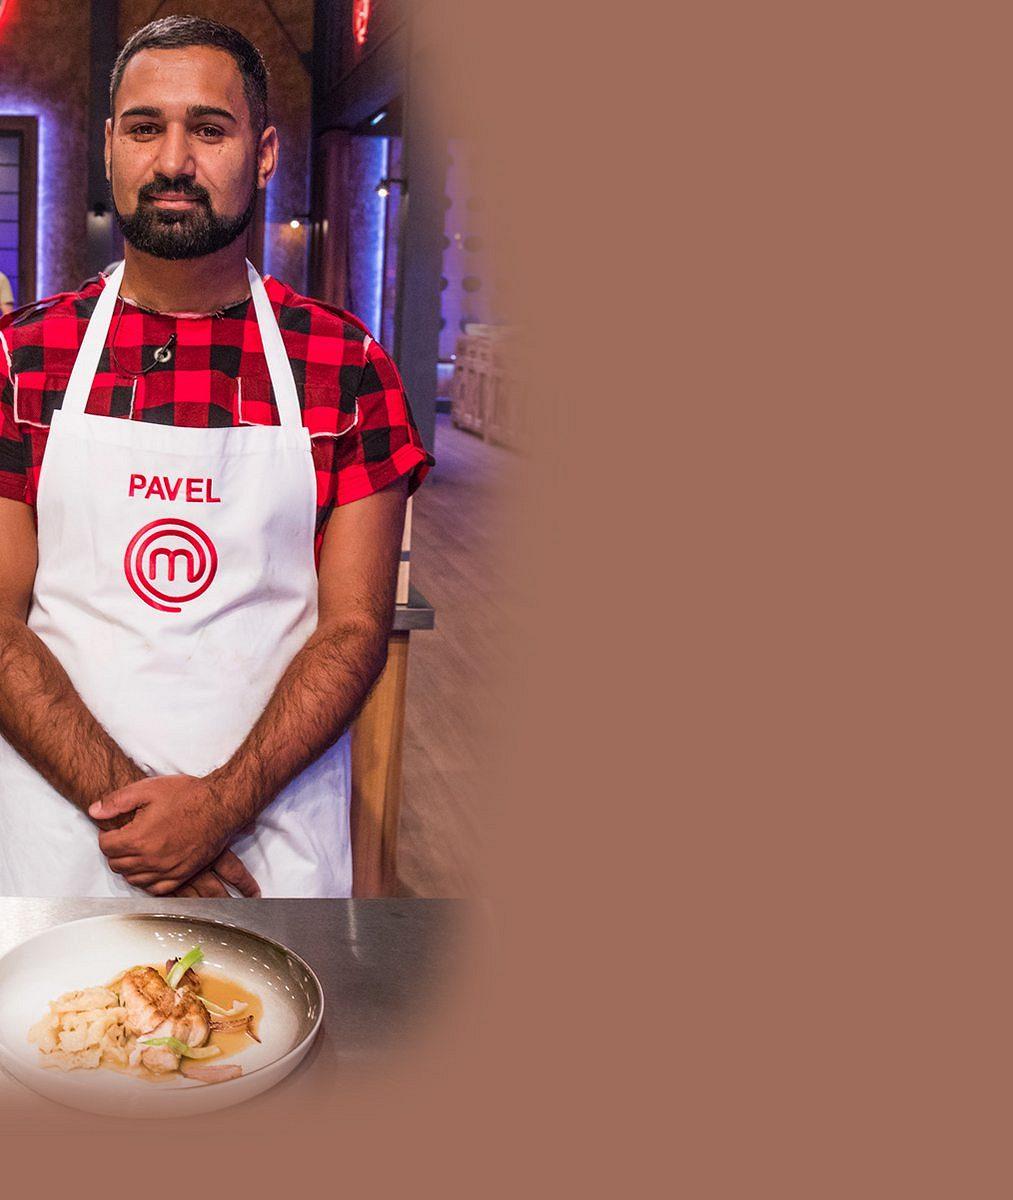 Neboduje pouze vsoutěži MasterChef. Pavel Berky zažívá úspěch ve zcela jiném oboru, než je vaření